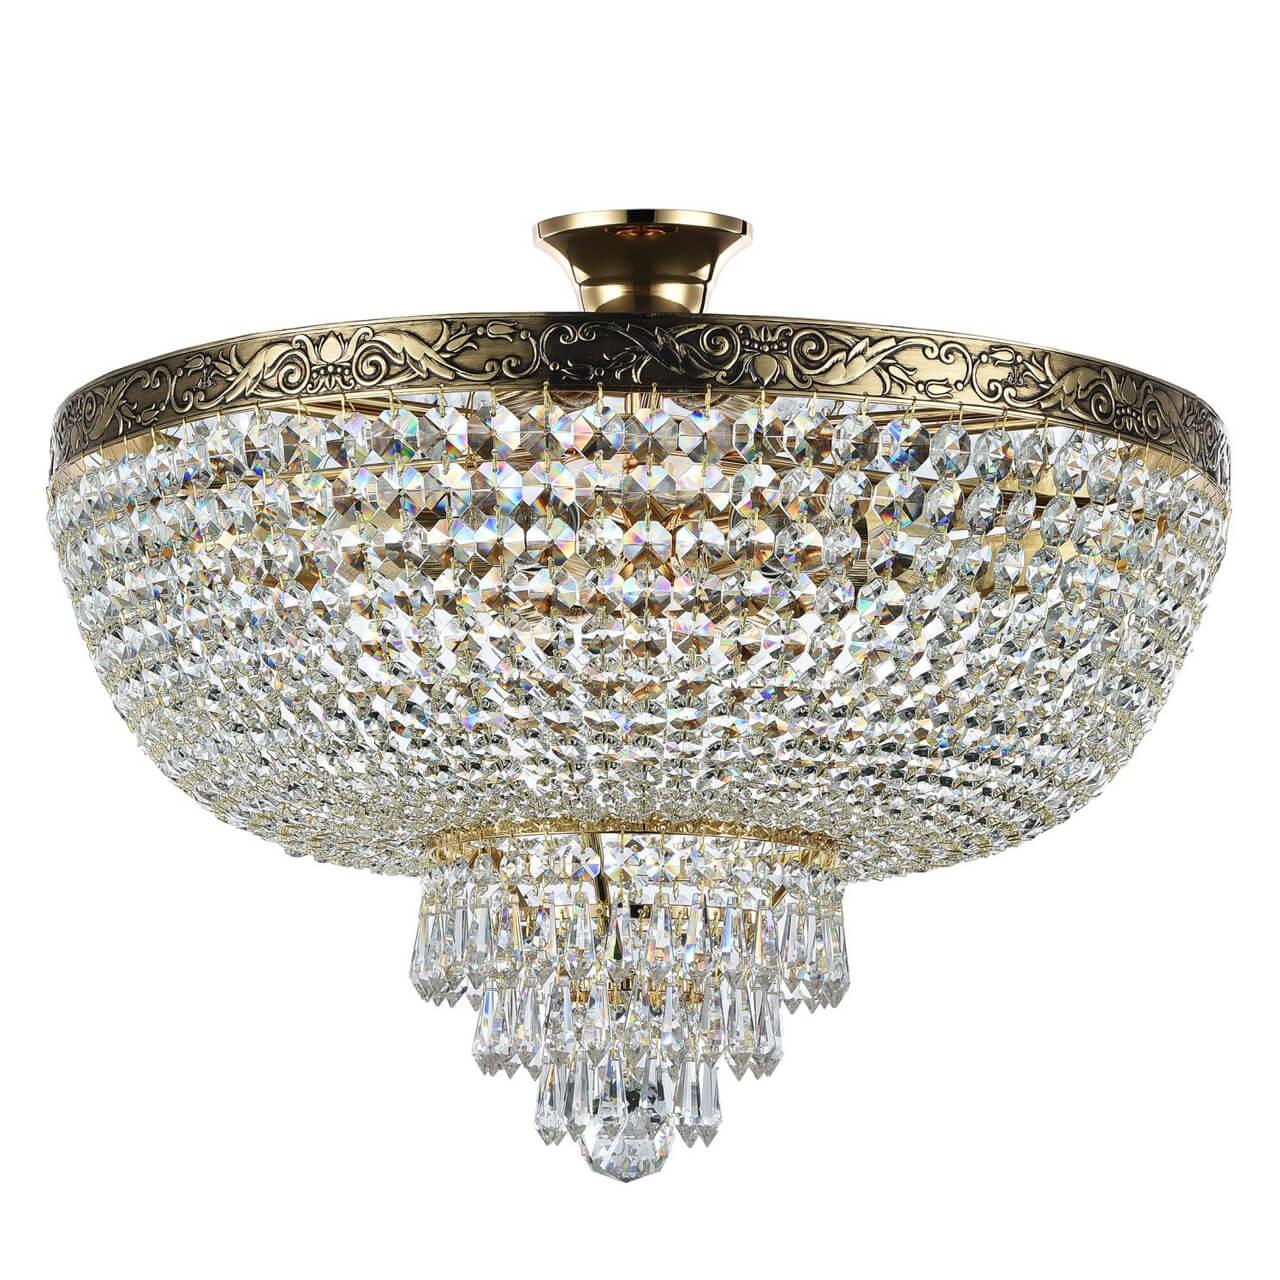 Потолочный светильник Maytoni Palace DIA890-CL-06-G